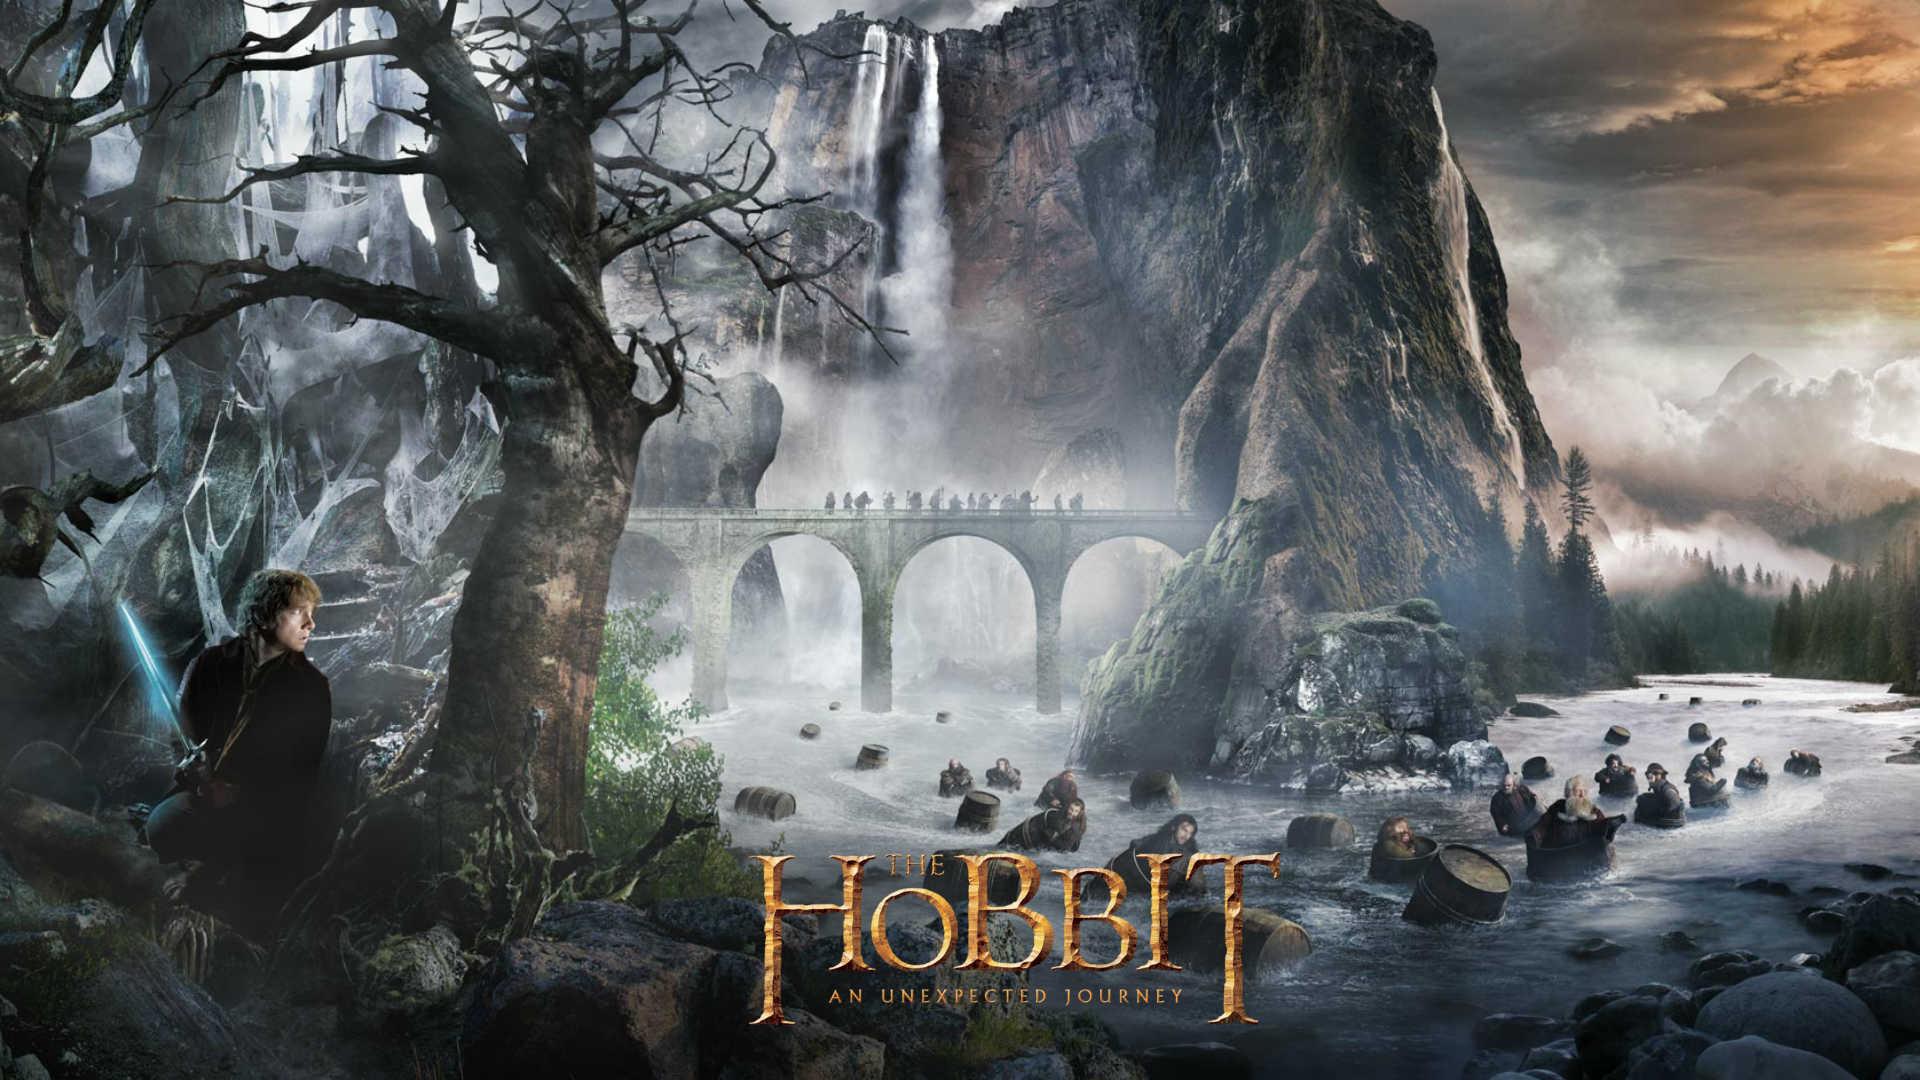 The Hobbit Desktop Wallpaper 1920x1080